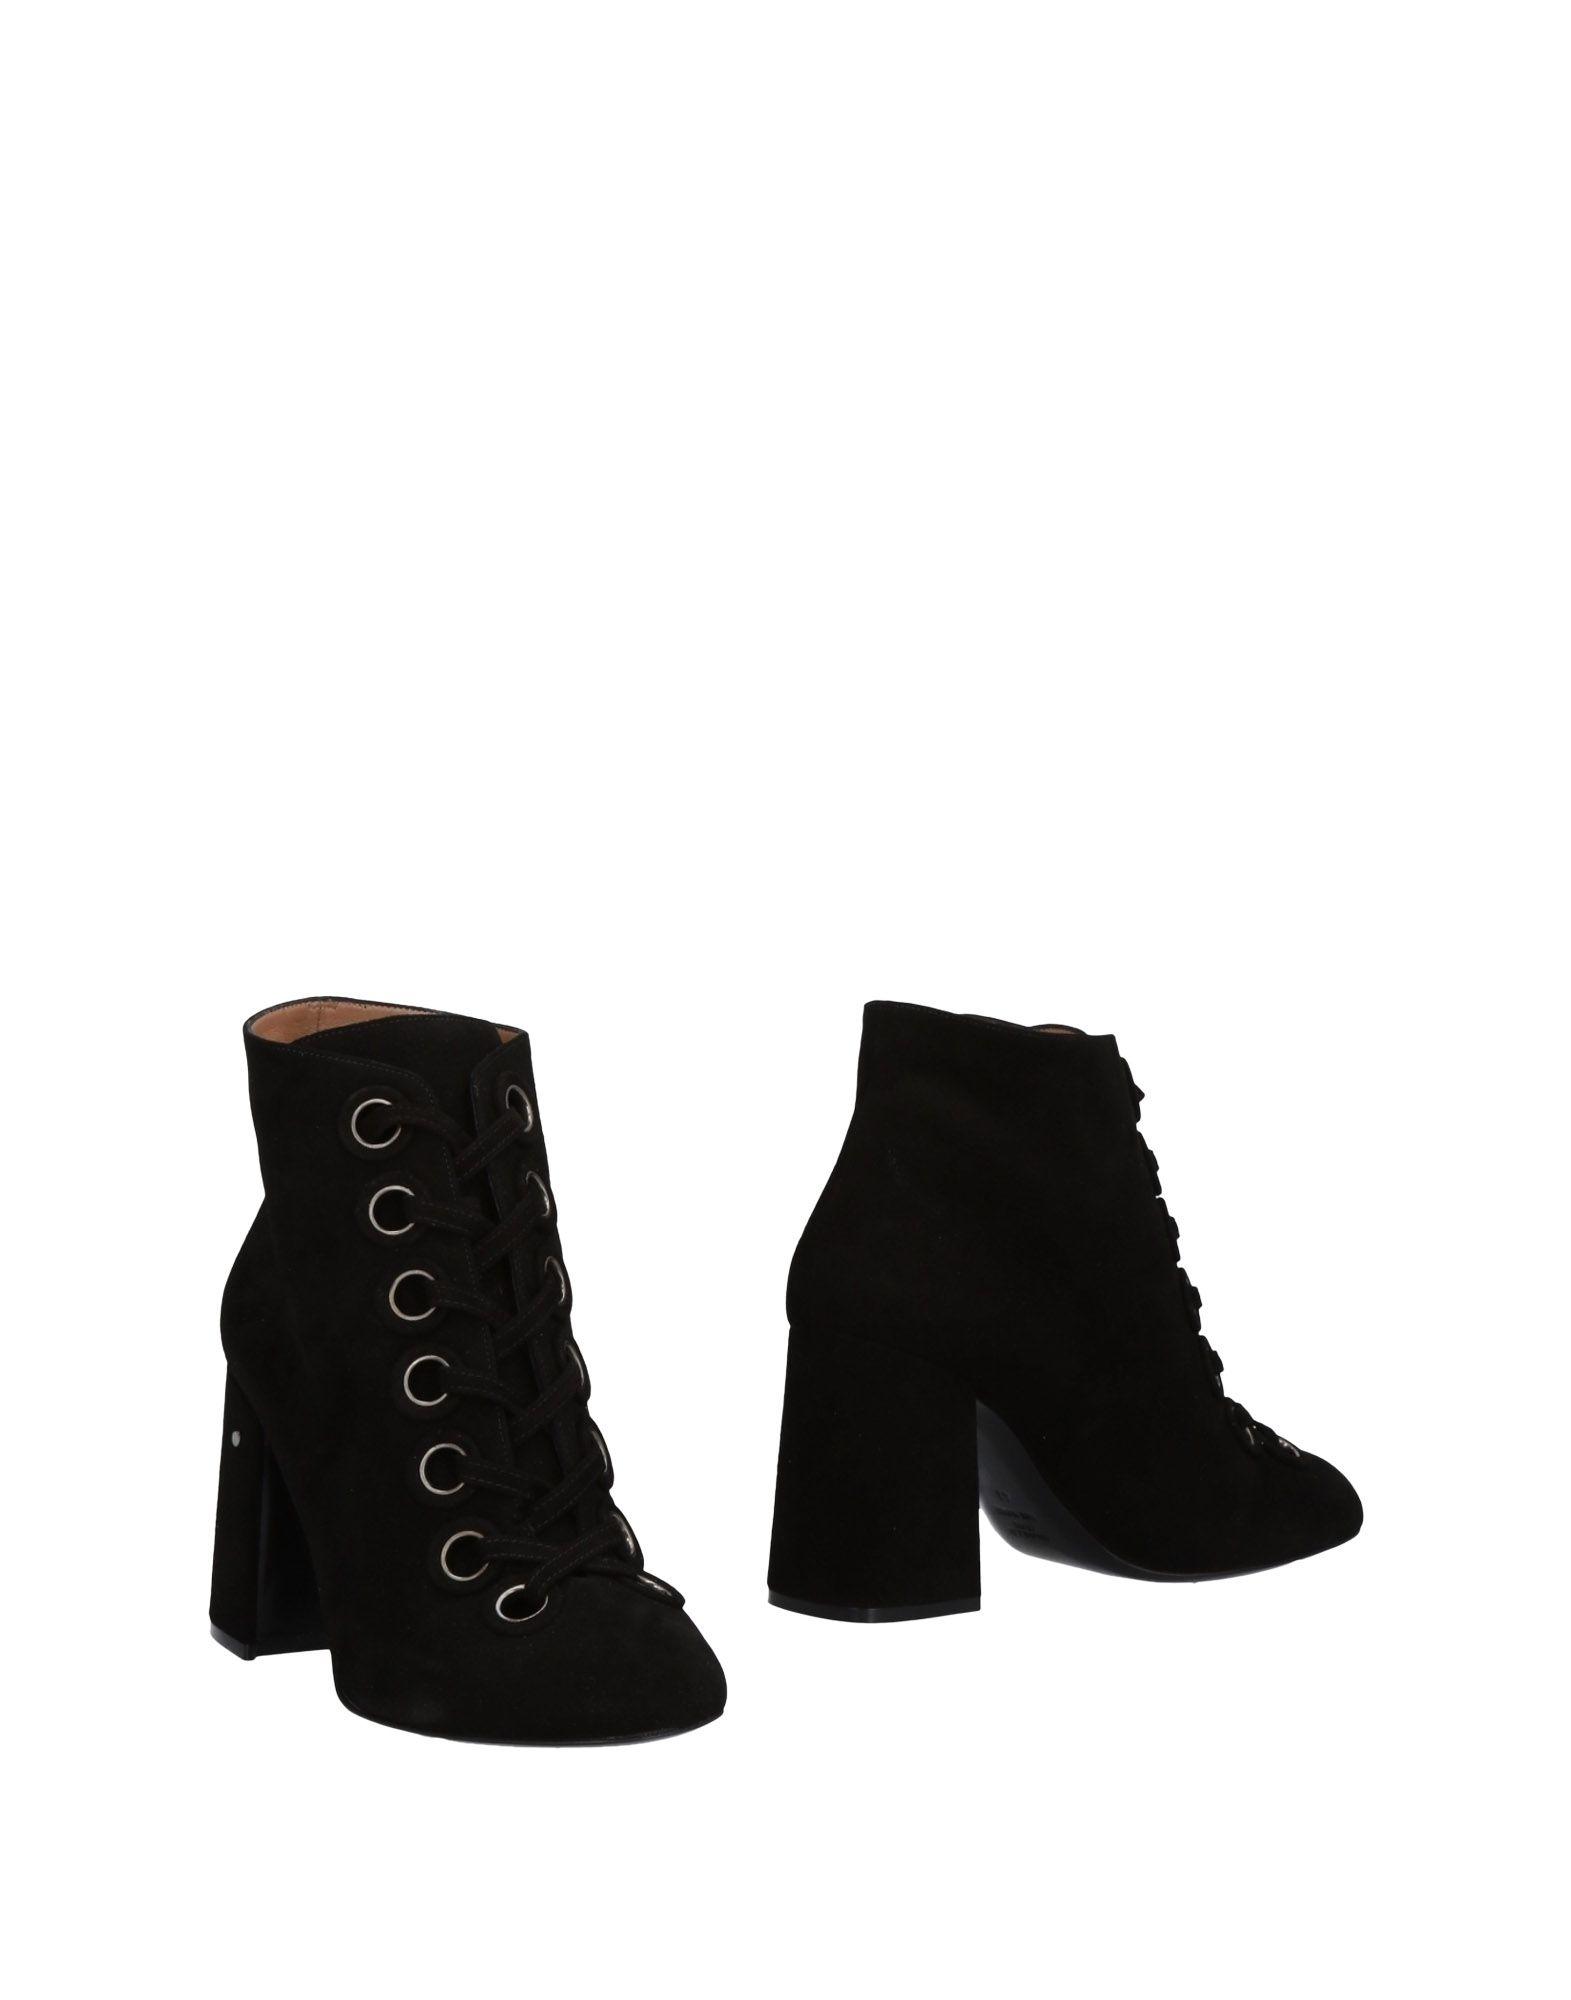 Laurence Dacade Stiefelette aussehende Damen  11486651NGGünstige gut aussehende Stiefelette Schuhe 80e275